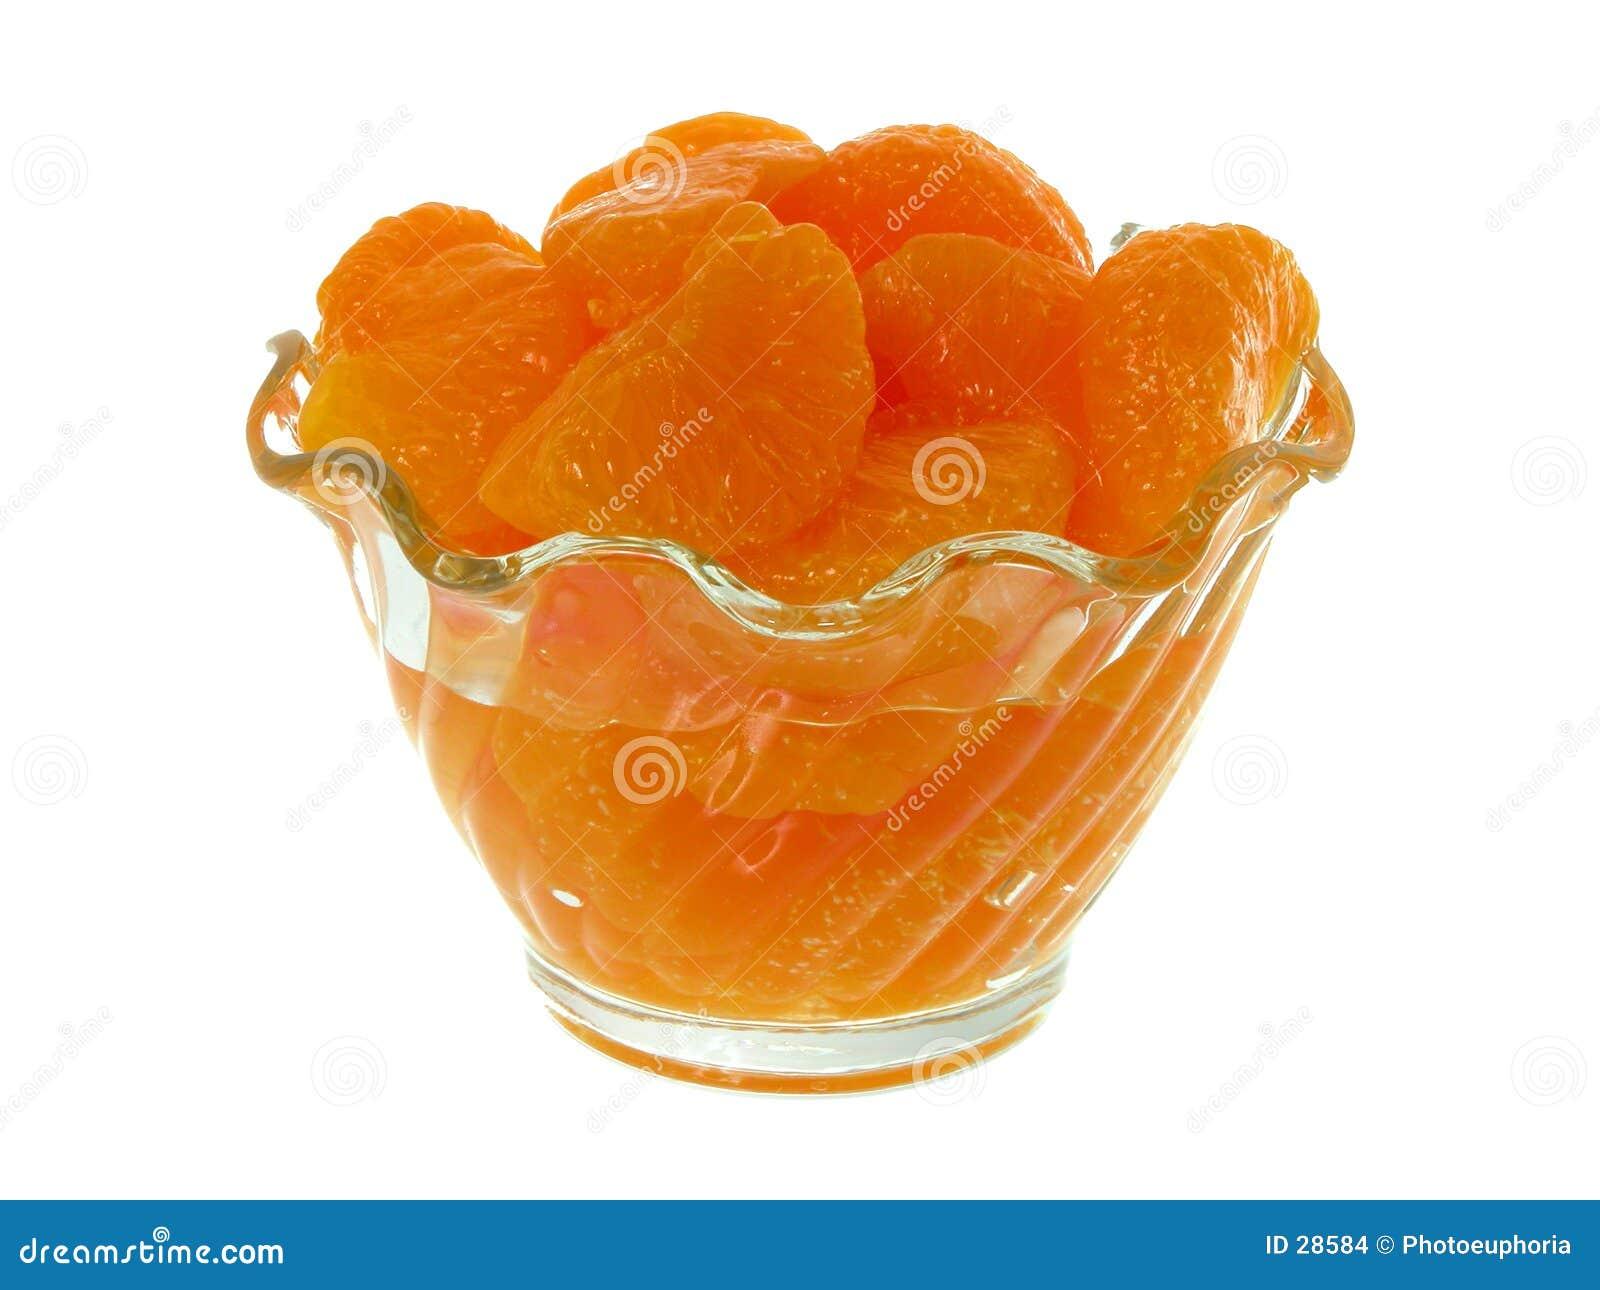 De Segmenten van het mandarijntje